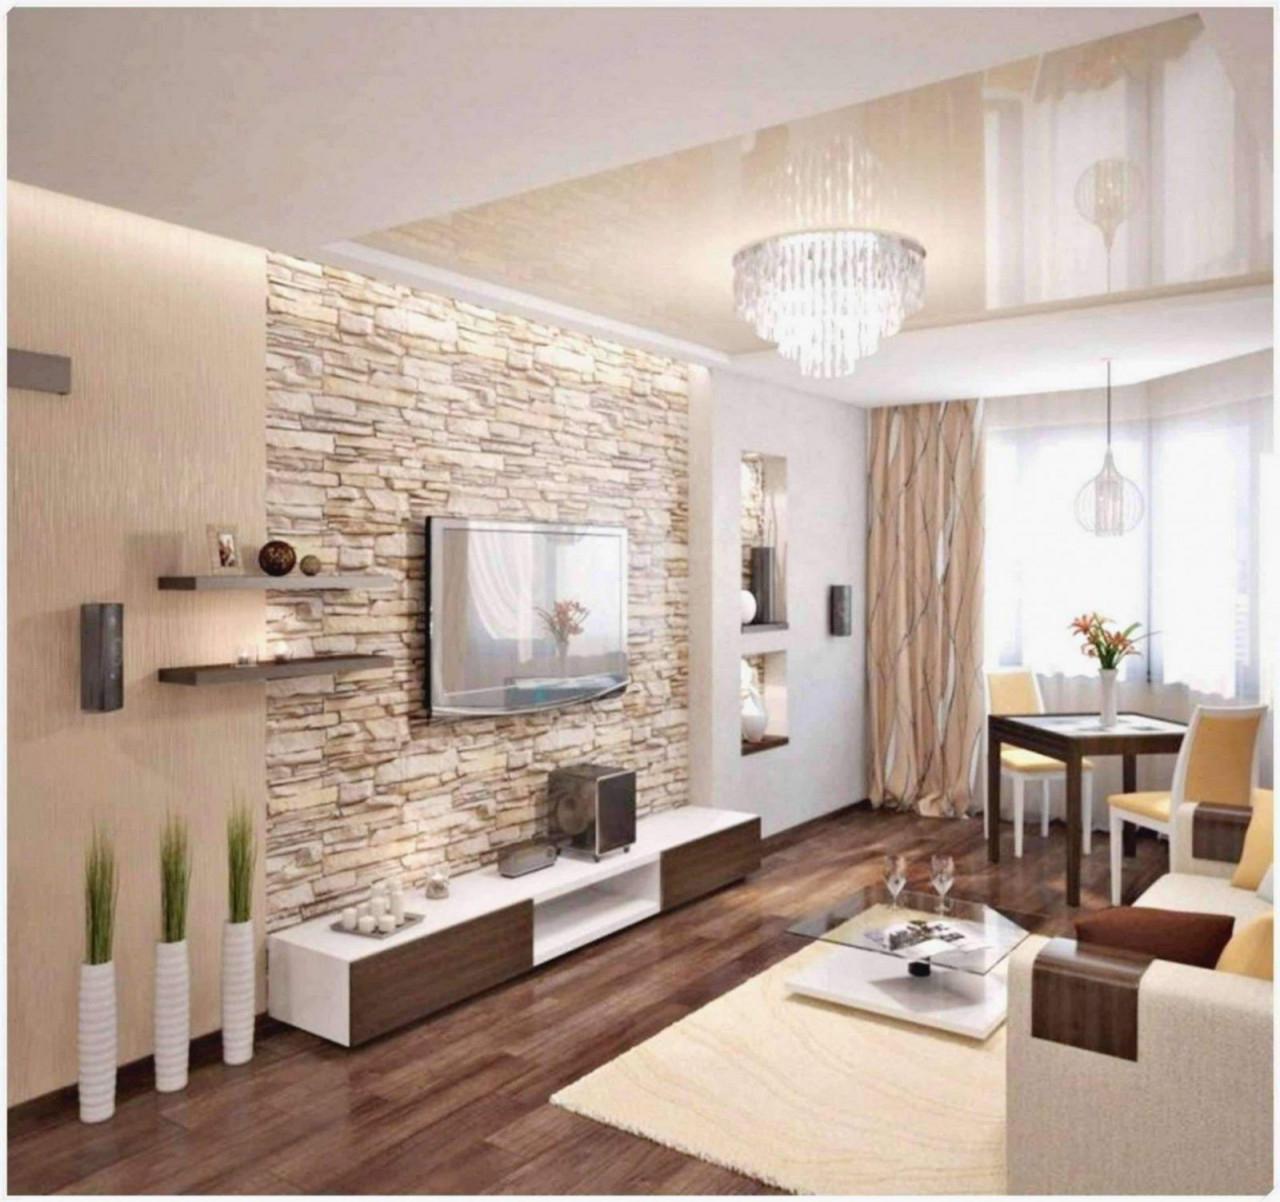 Deko Wand Wohnzimmer Frisch Luxury Dekoration Wohnzimmer Von von Wohnzimmer Deko Beige Bild